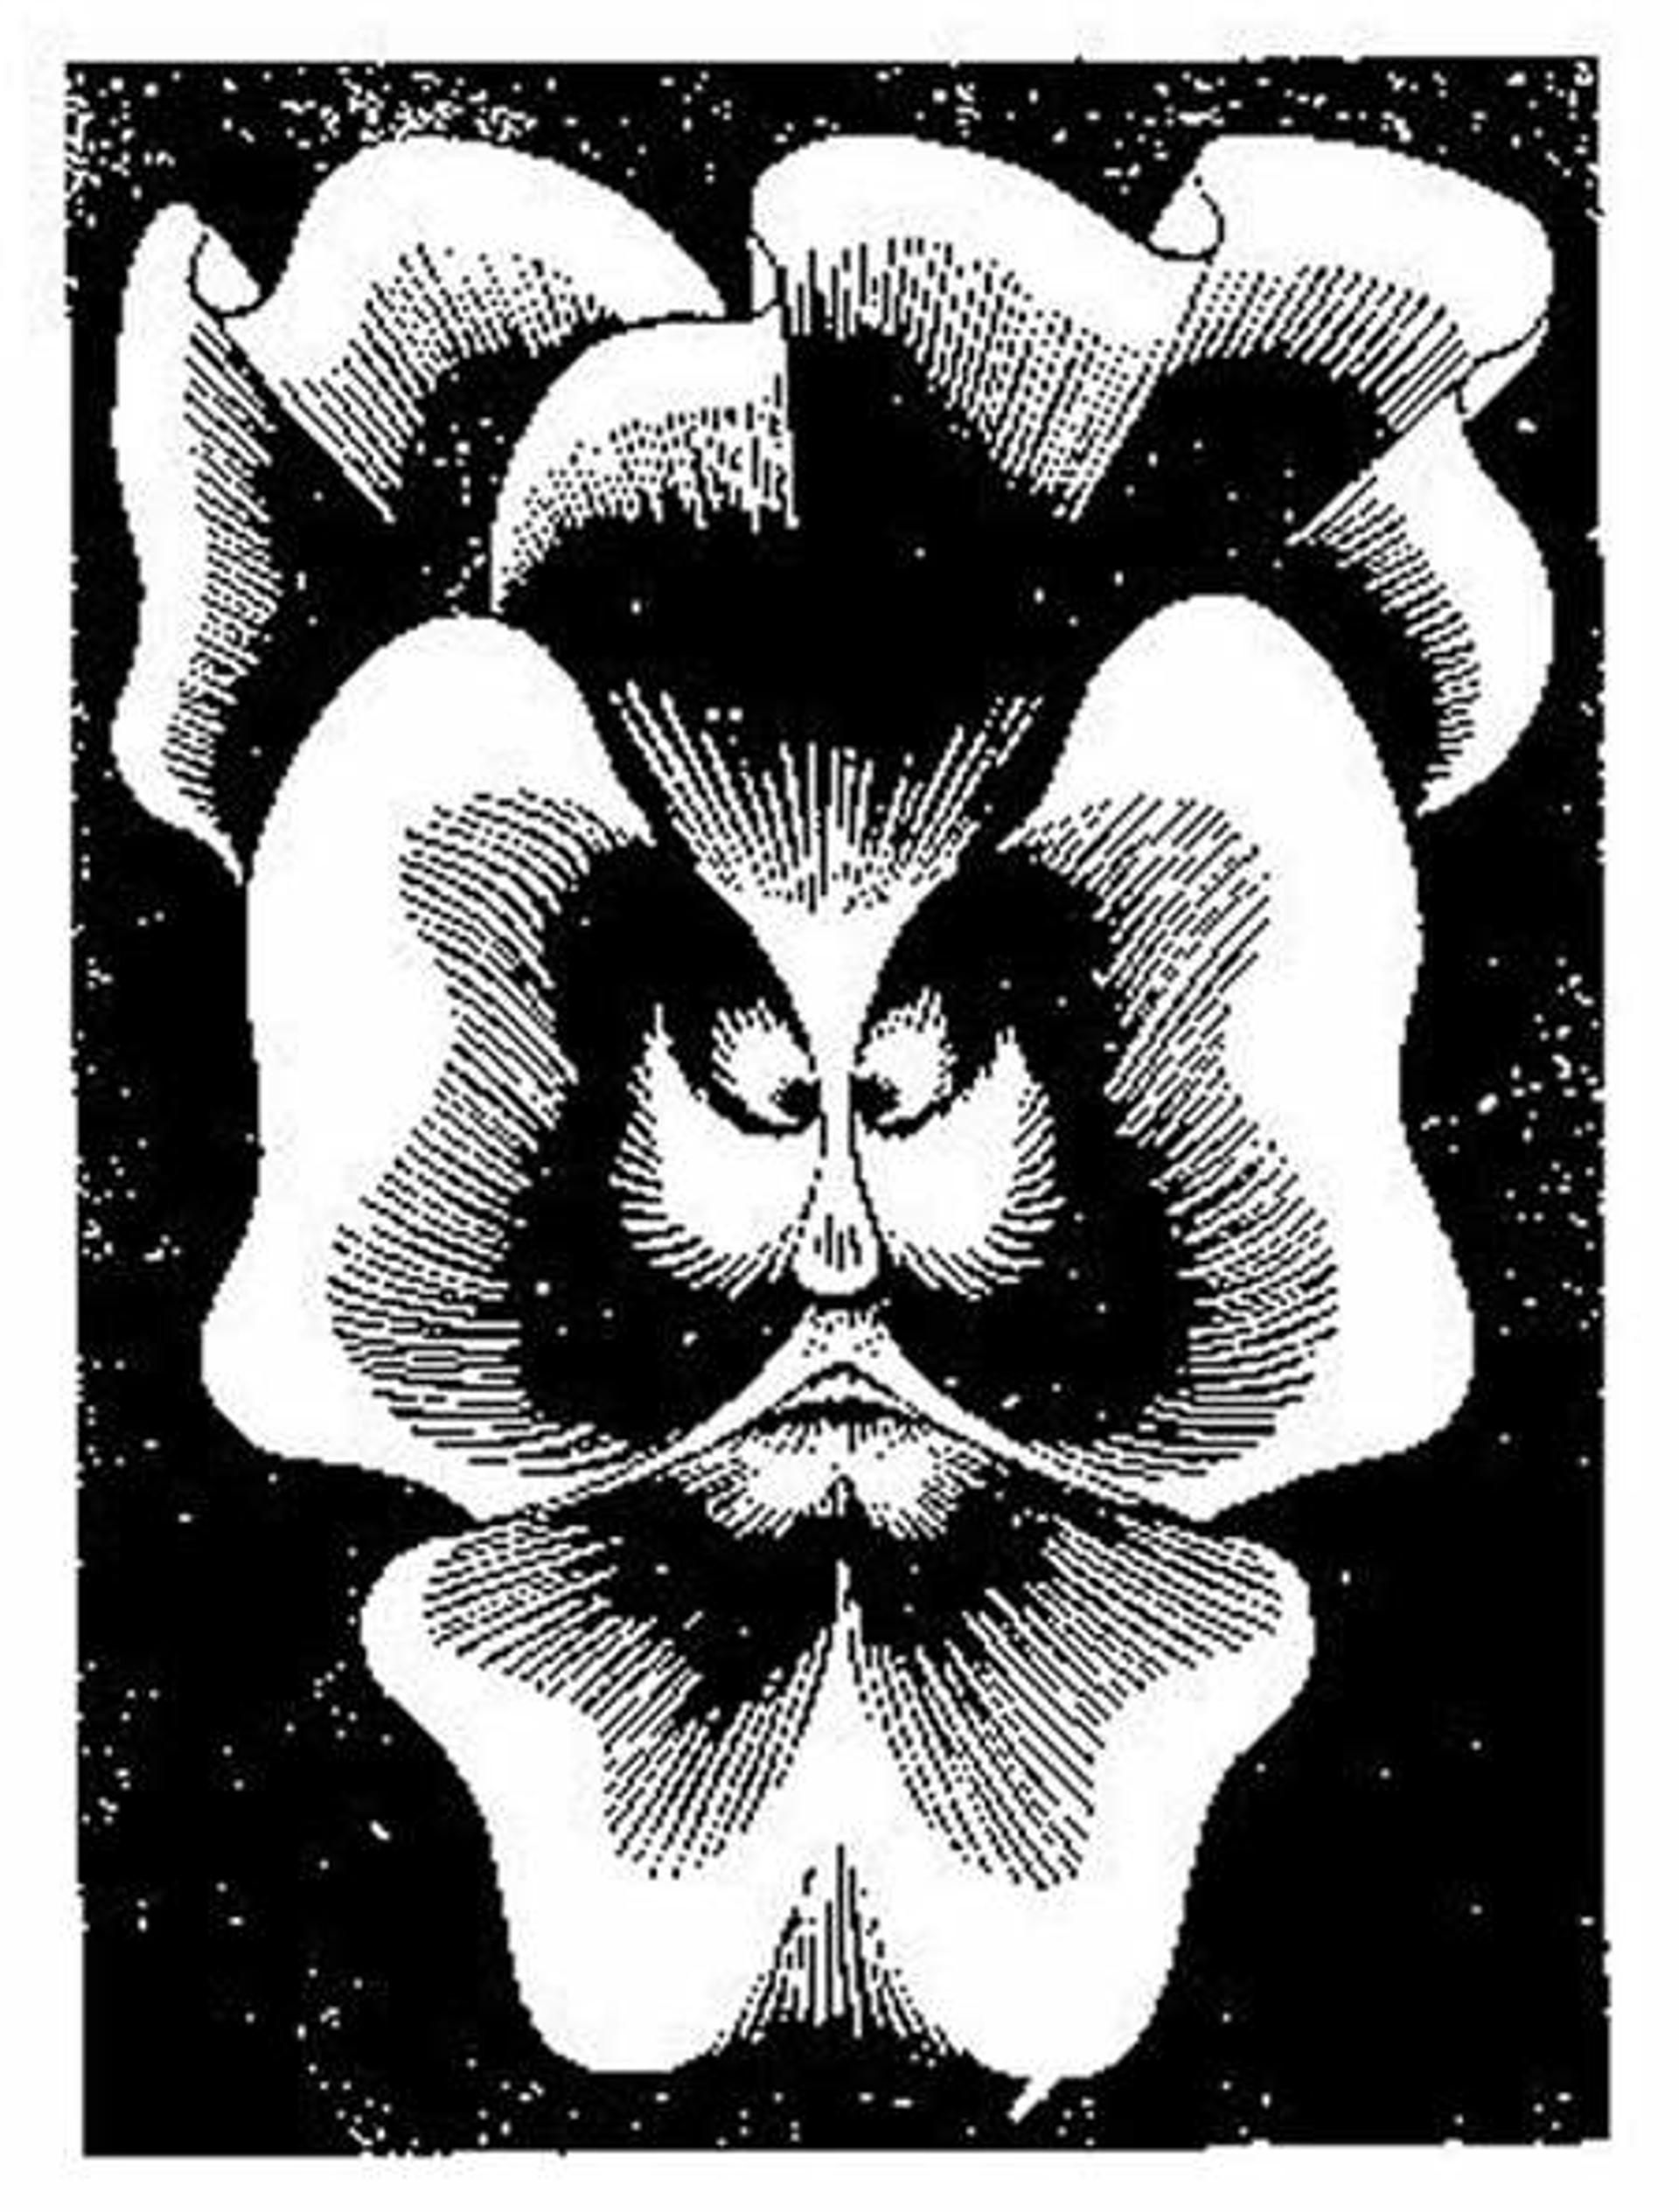 Flor de Pascua - La Pensee by M.C. Escher